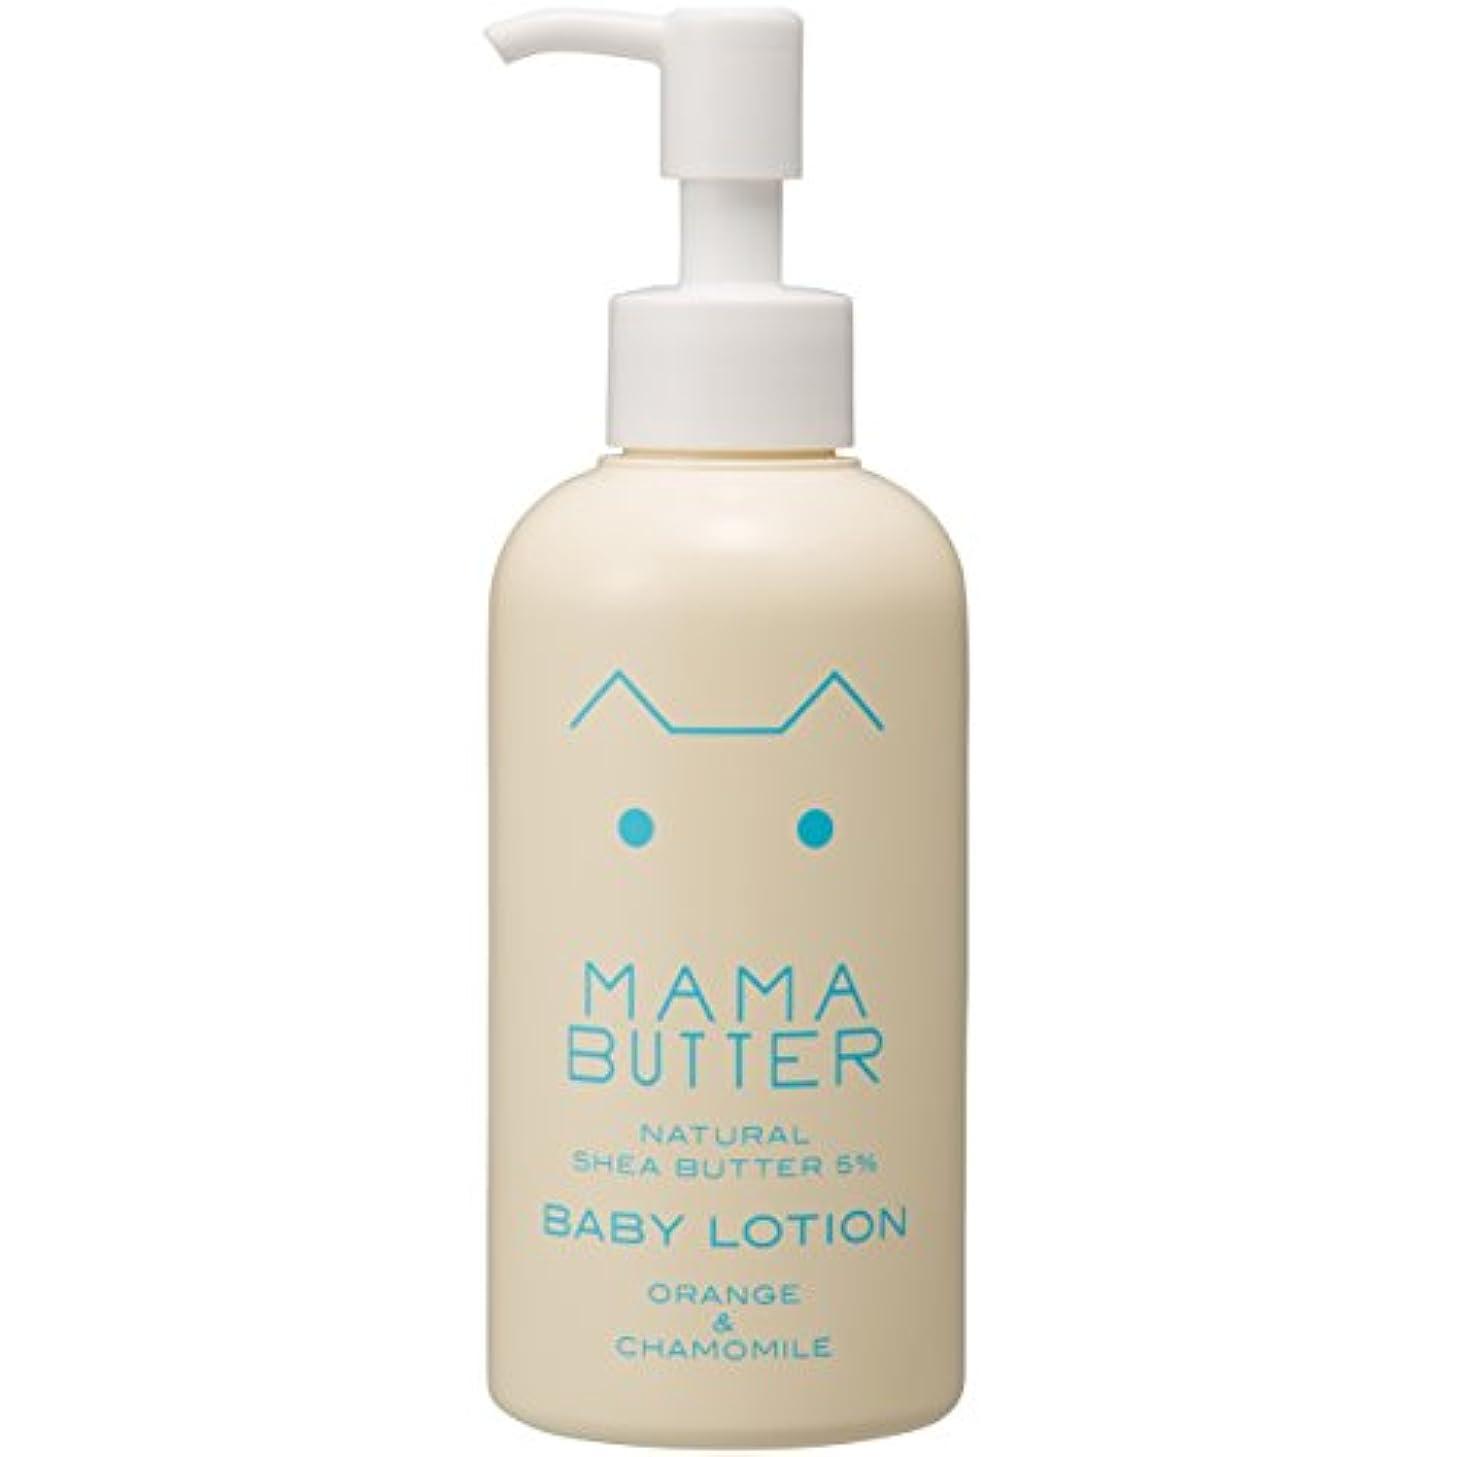 ママバター ベビーローション 天然 オレンジ&カモミールの香り 180ml